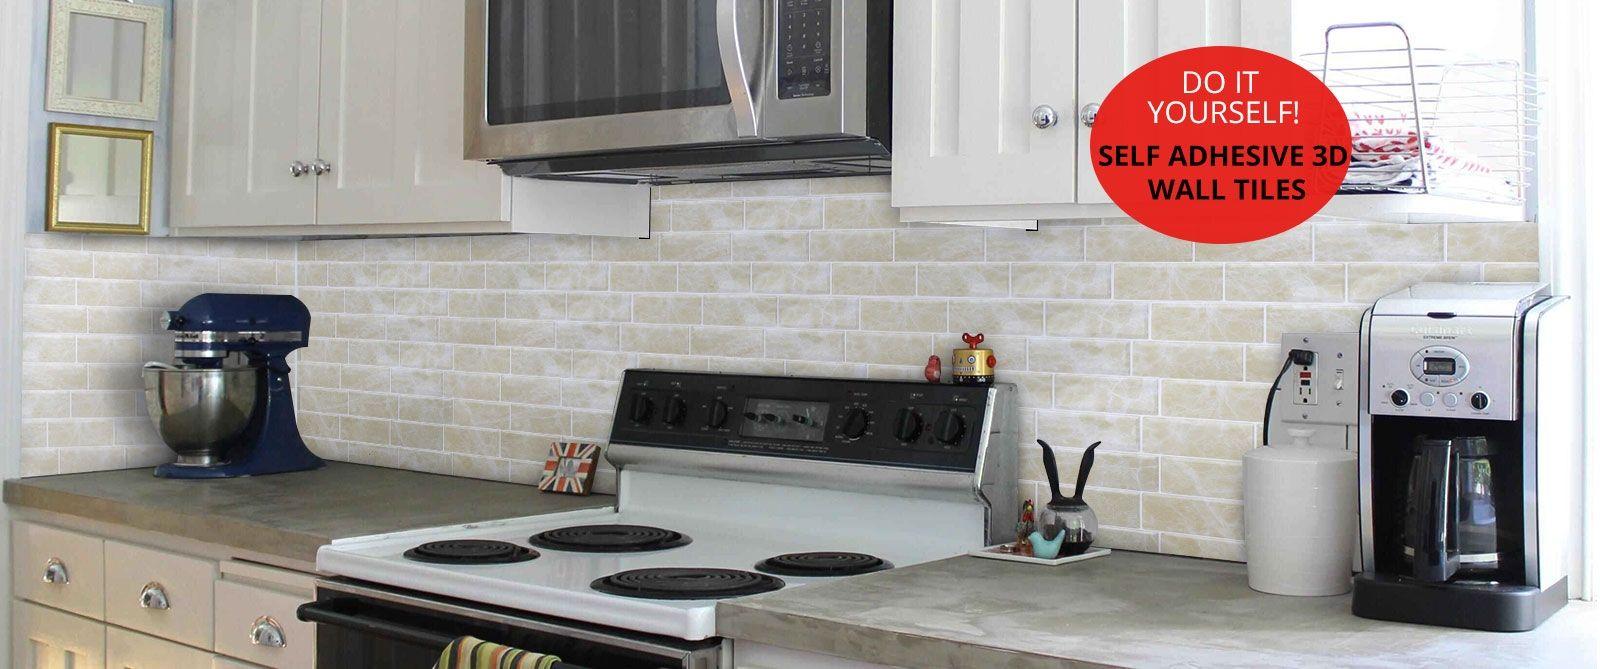 Stick On Wall Tiles For Kitchen | http://jubiz.info | Pinterest ...